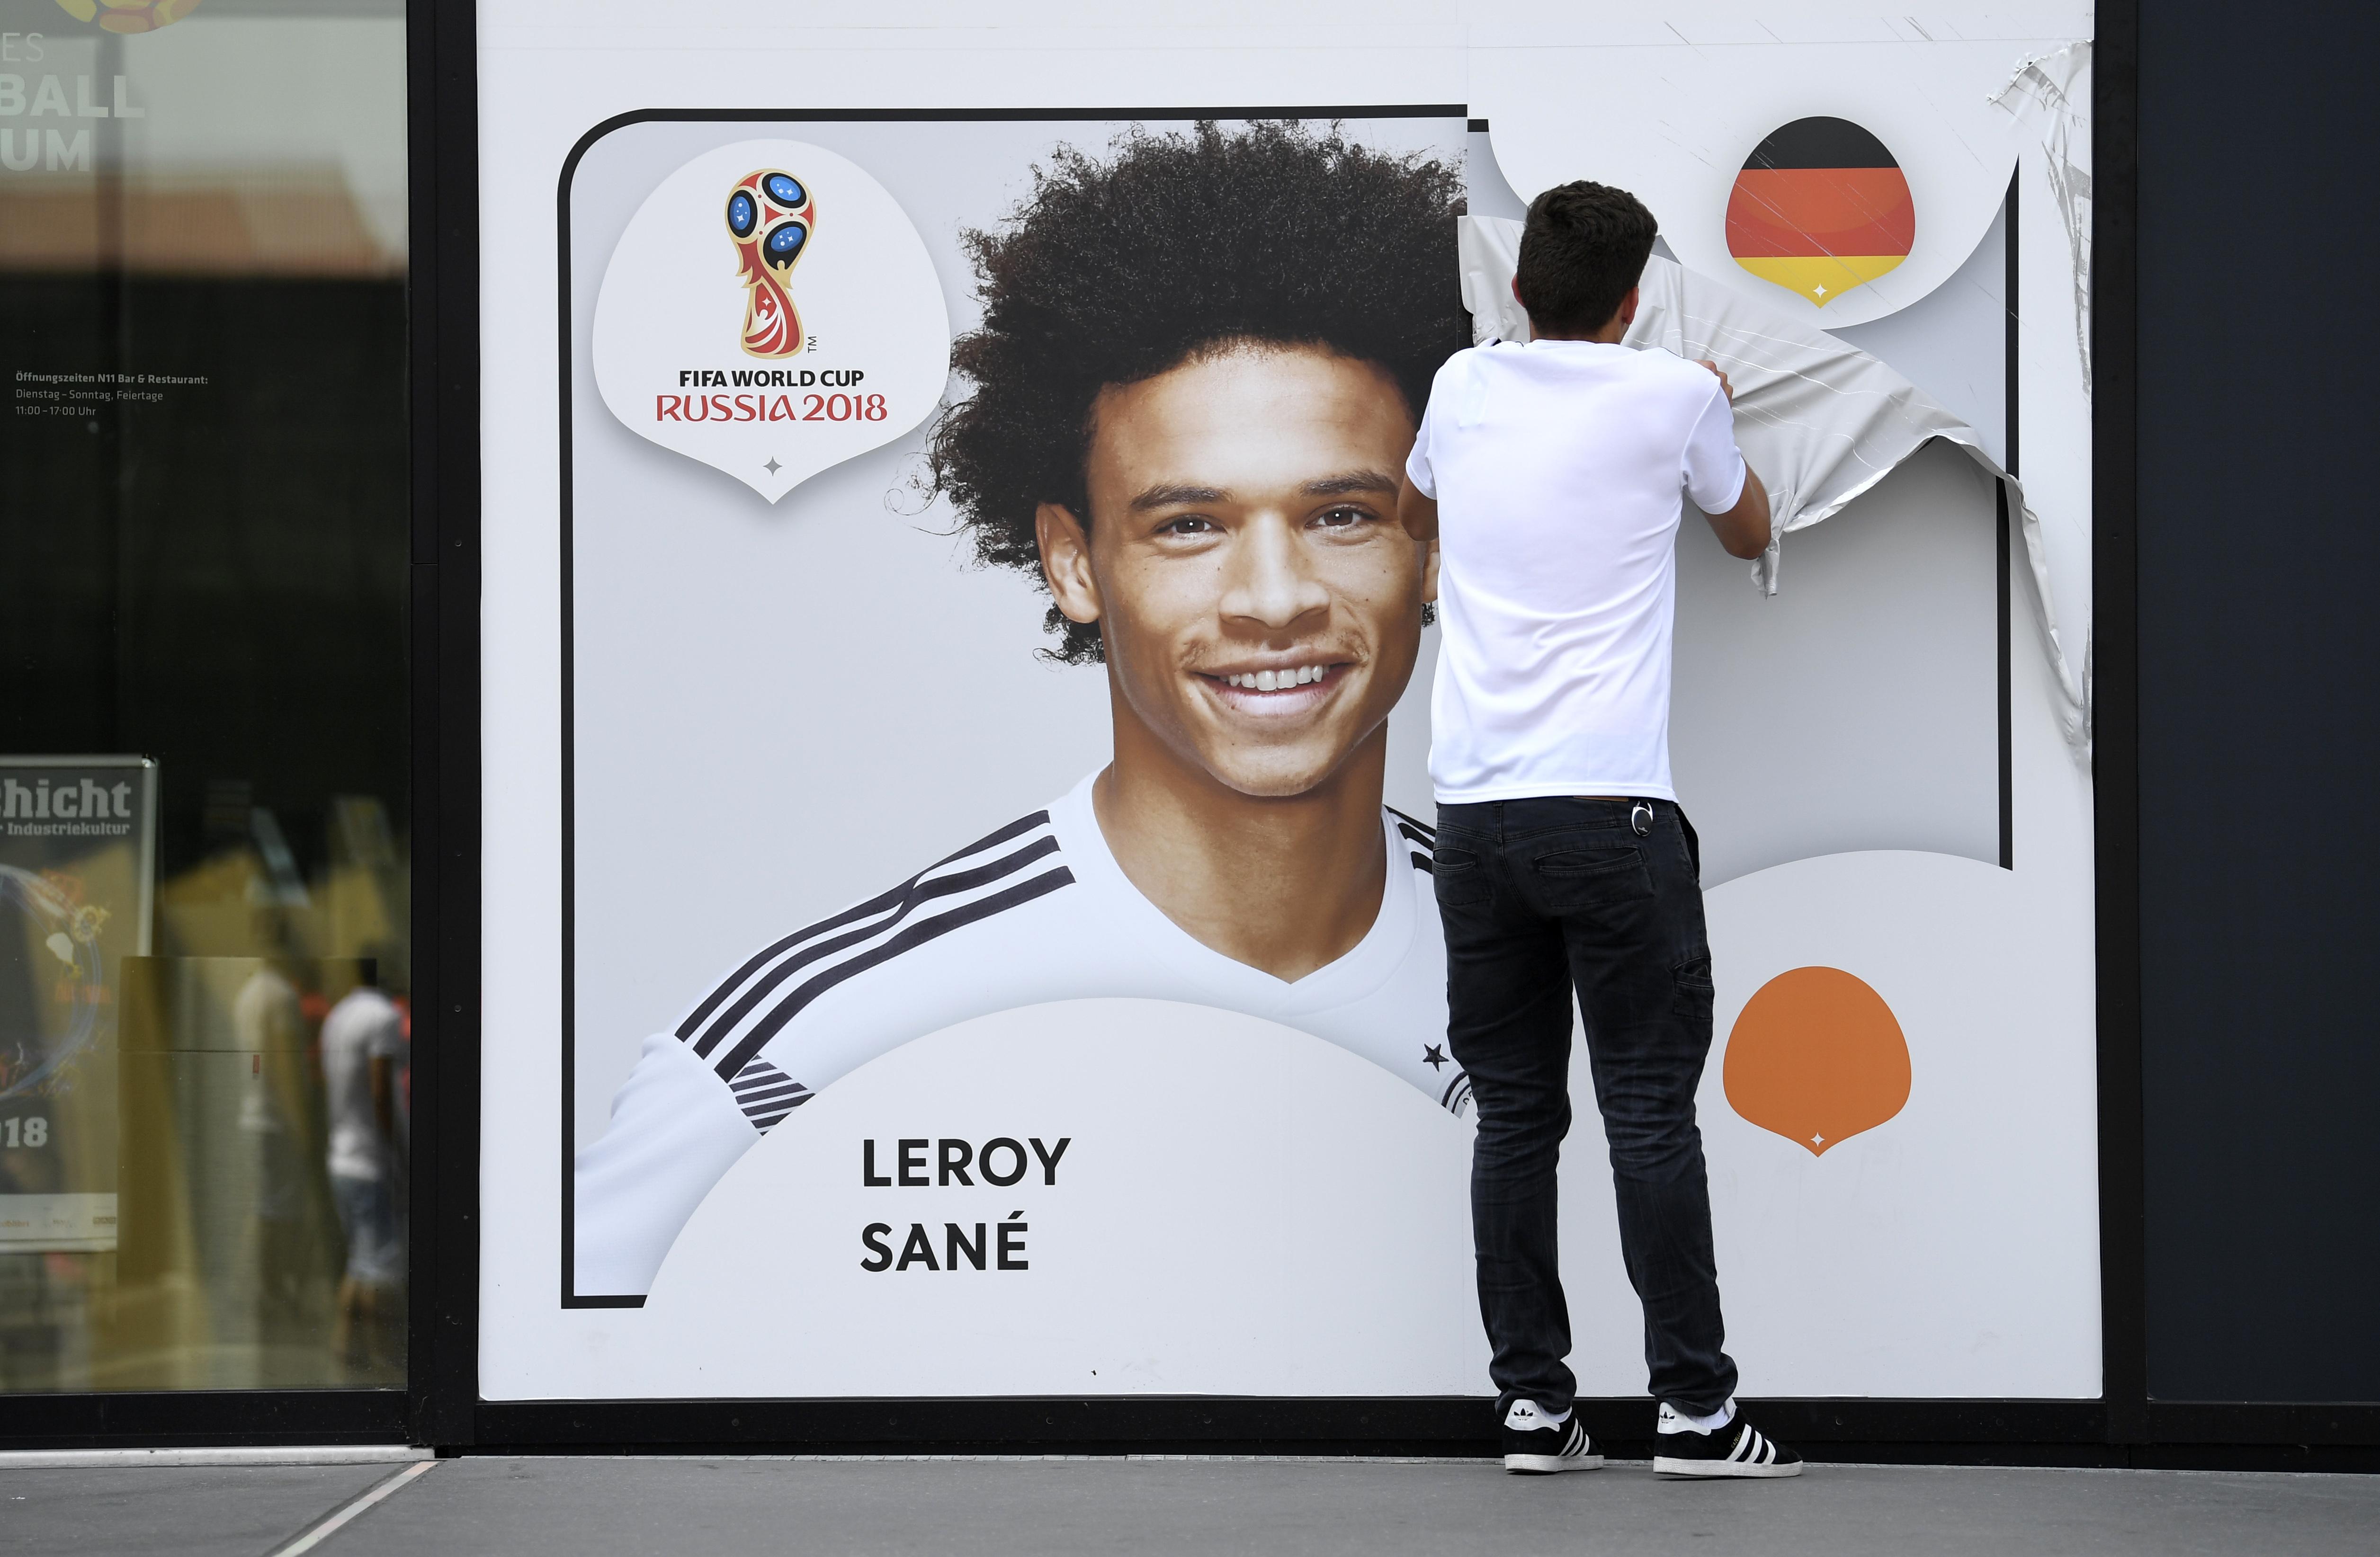 Az angol bajnokság legjobb fiatal játékosa volt, de nem fért be a német világbajnoki keretbe